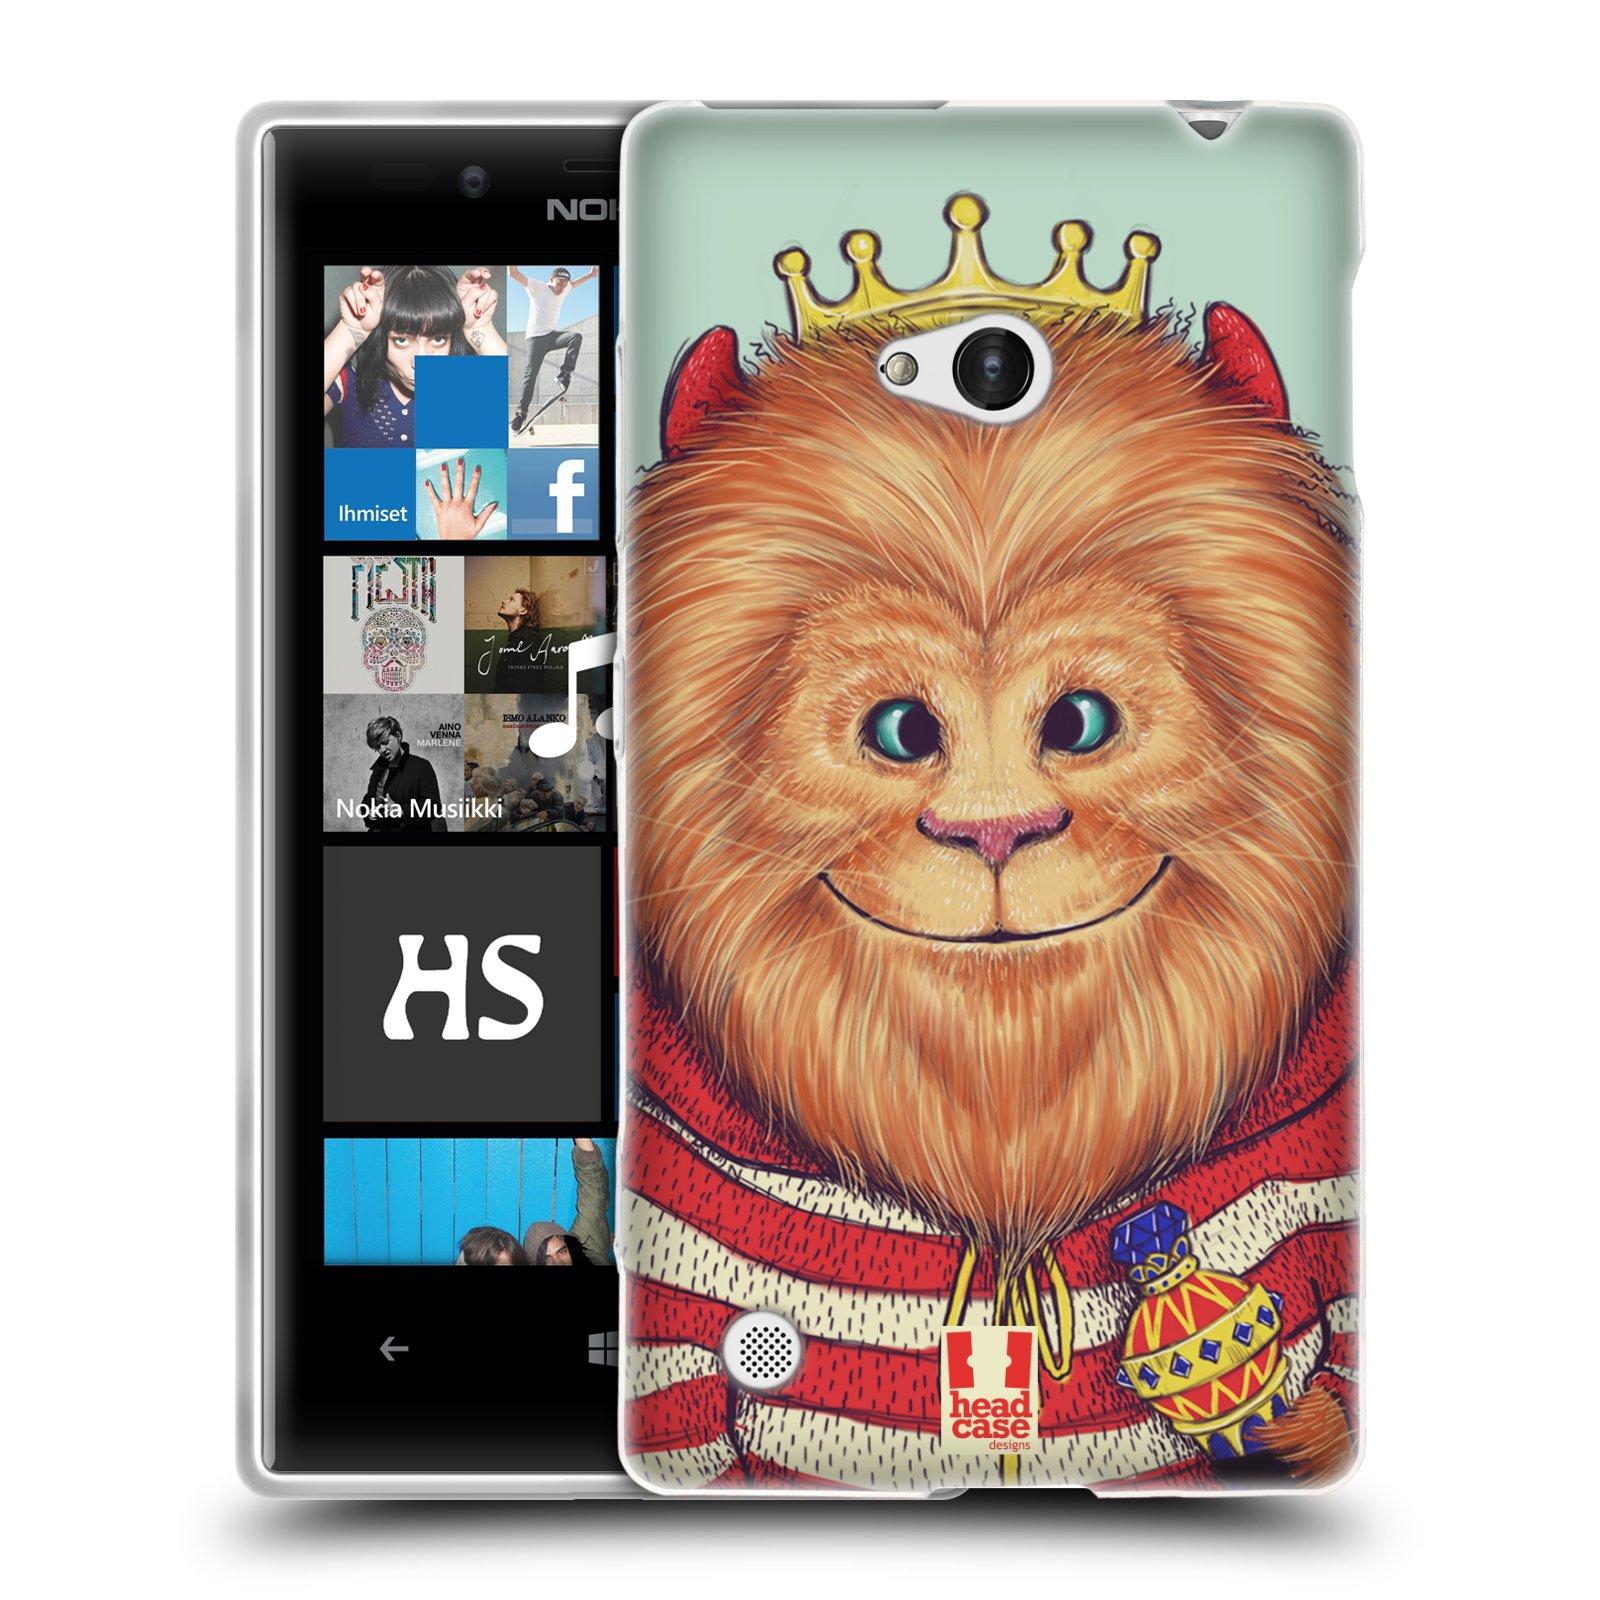 HEAD CASE silikonový obal na mobil NOKIA Lumia 720 vzor Kreslená zvířátka lev